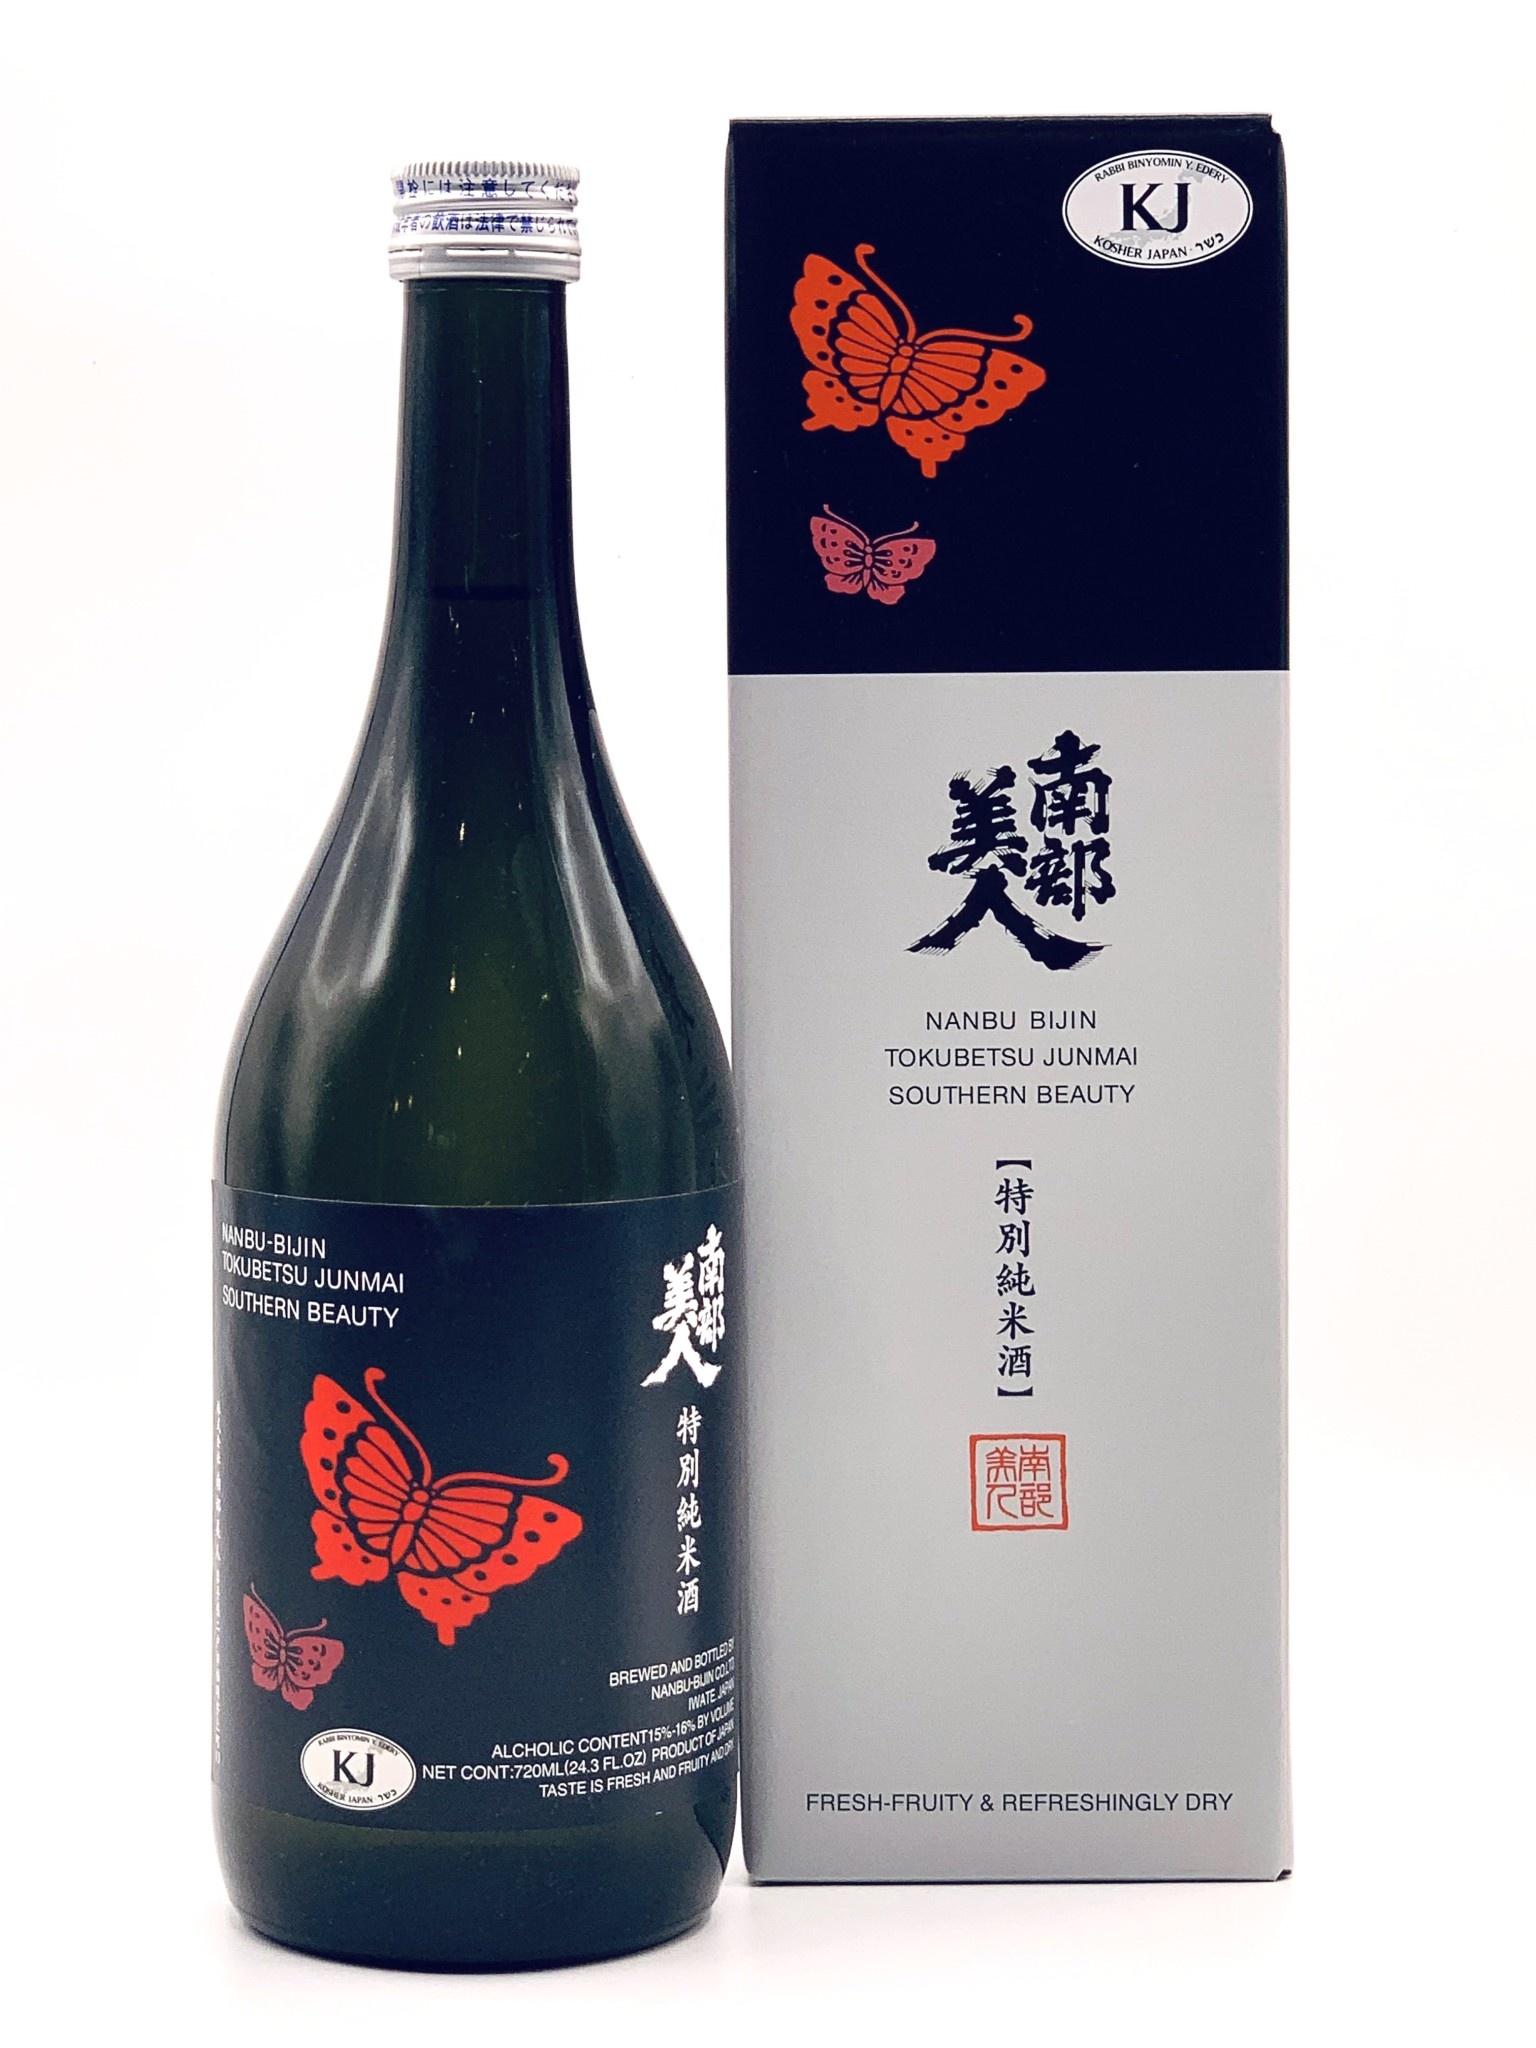 Nanbu Bijin Tokubetsu Junmai Sake 720ml.